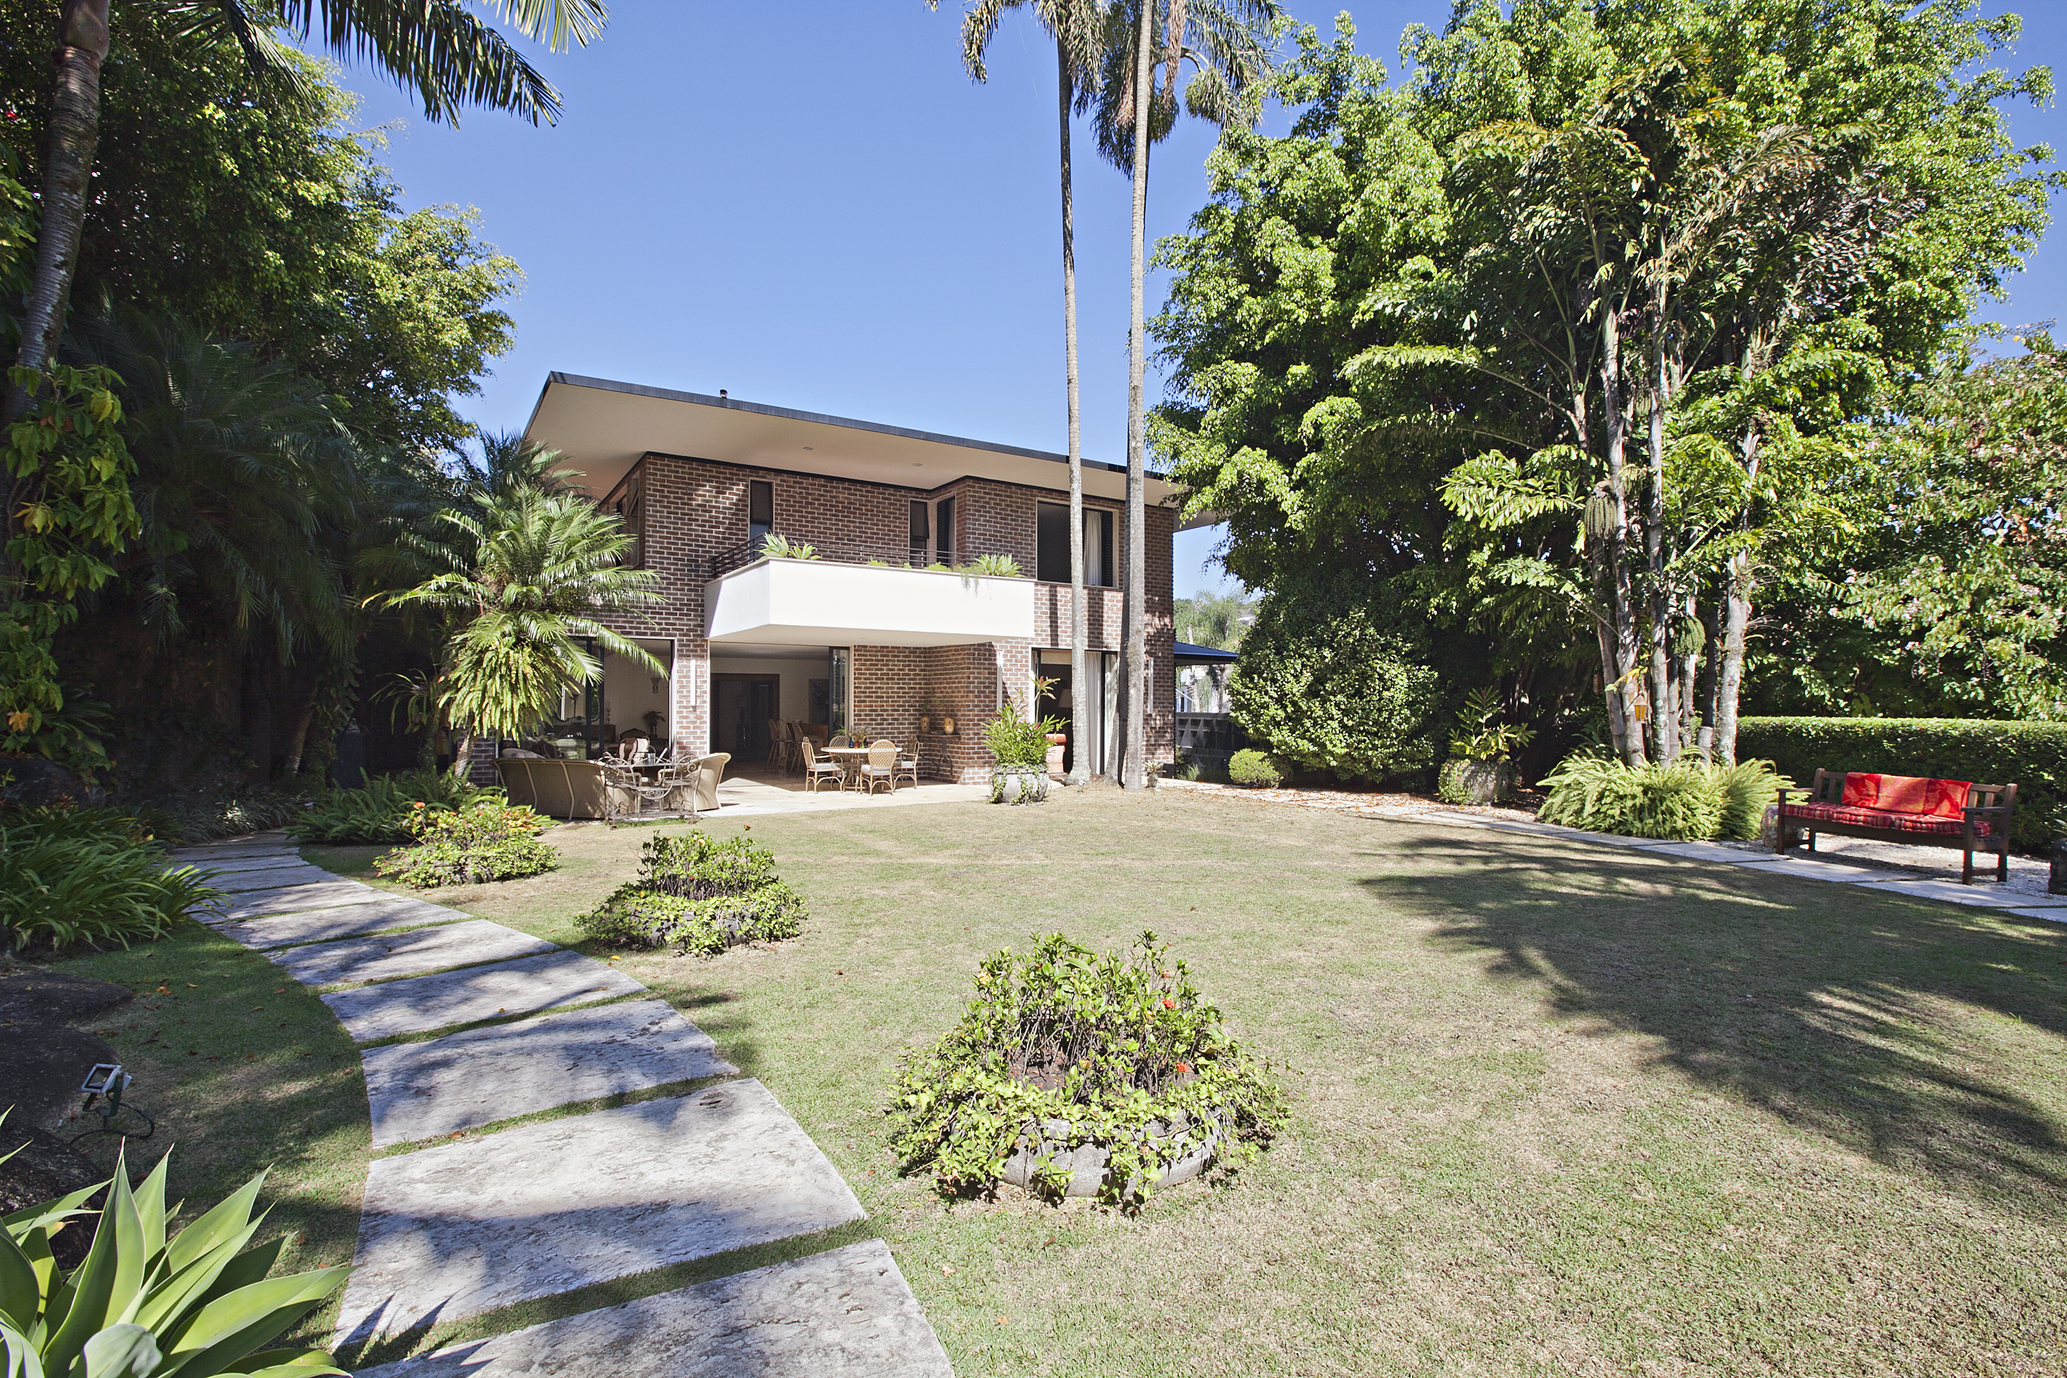 단독 가정 주택 용 매매 에 Nice tranquil home Rua das Açucenas Sao Paulo, 상파울로, 05673040 브라질